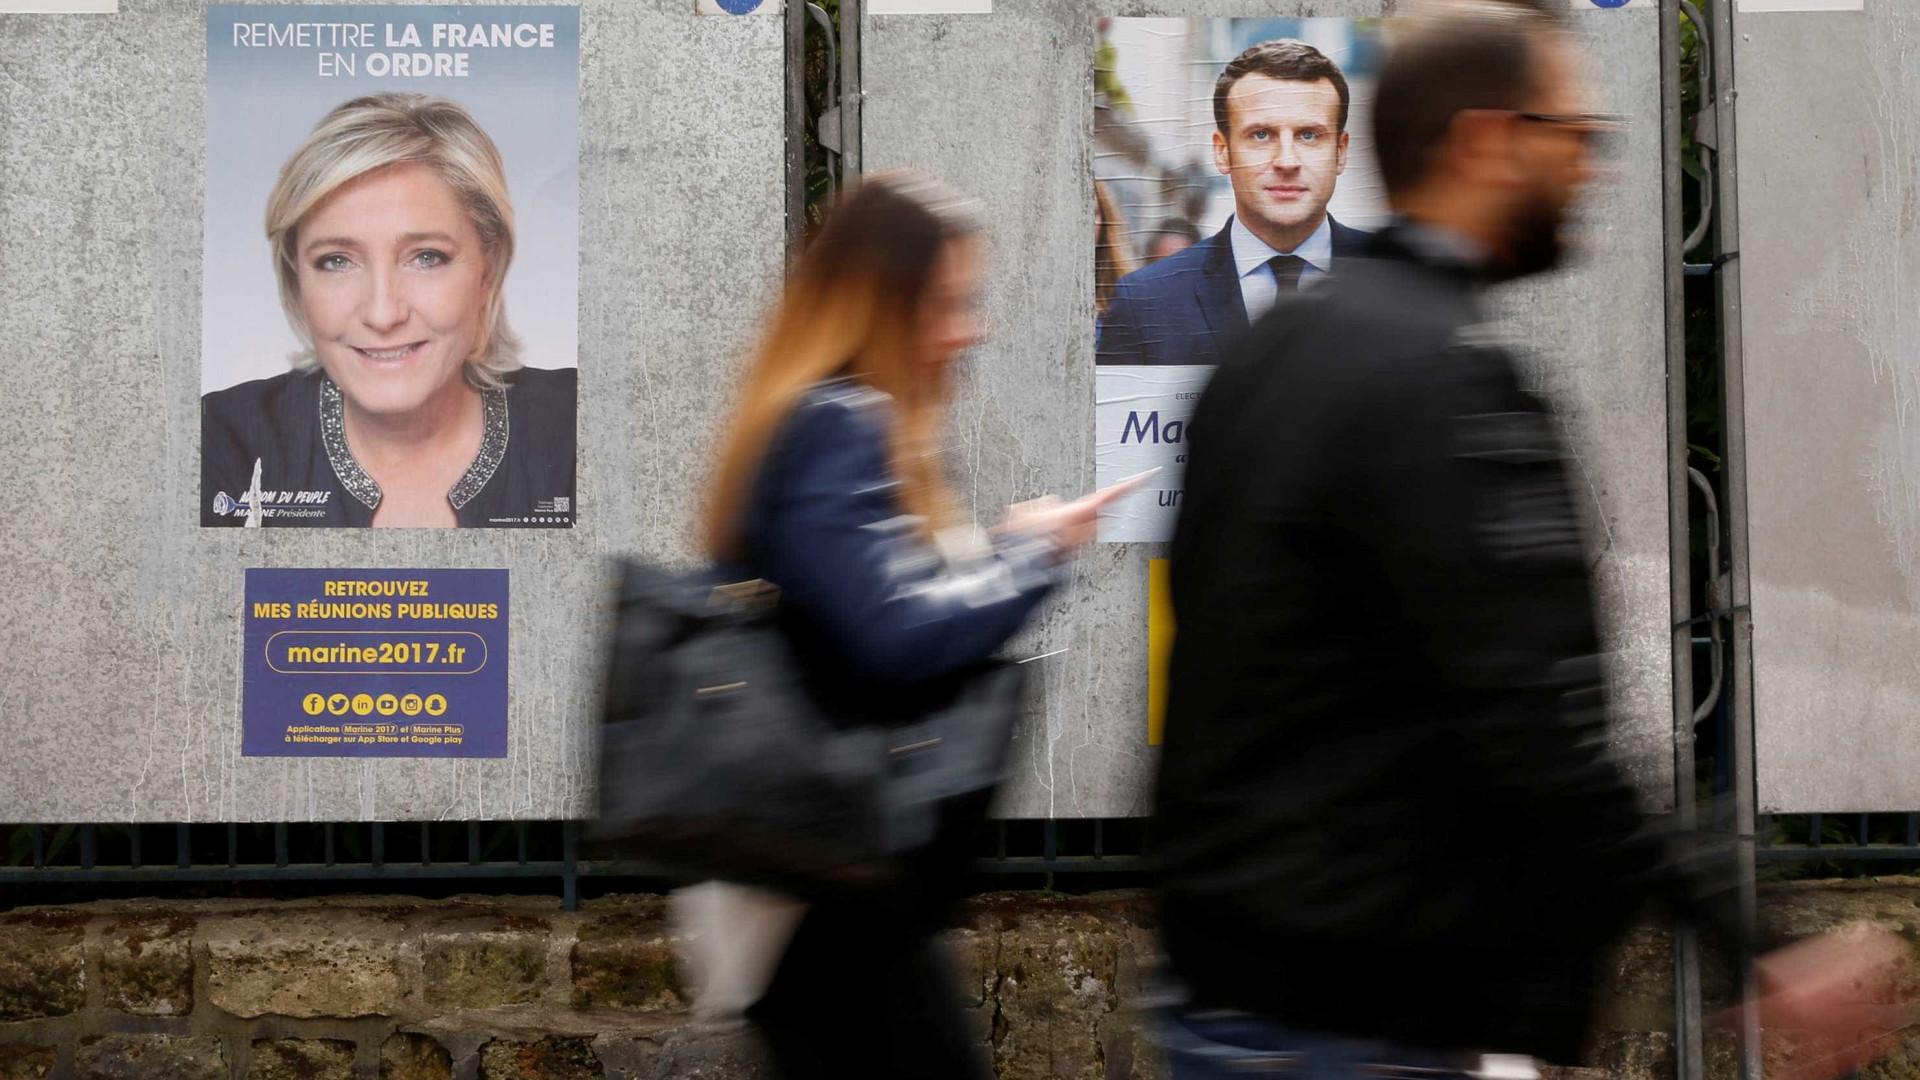 Macron e Le Pen falam sobre chegada ao 2º turno das eleições na França